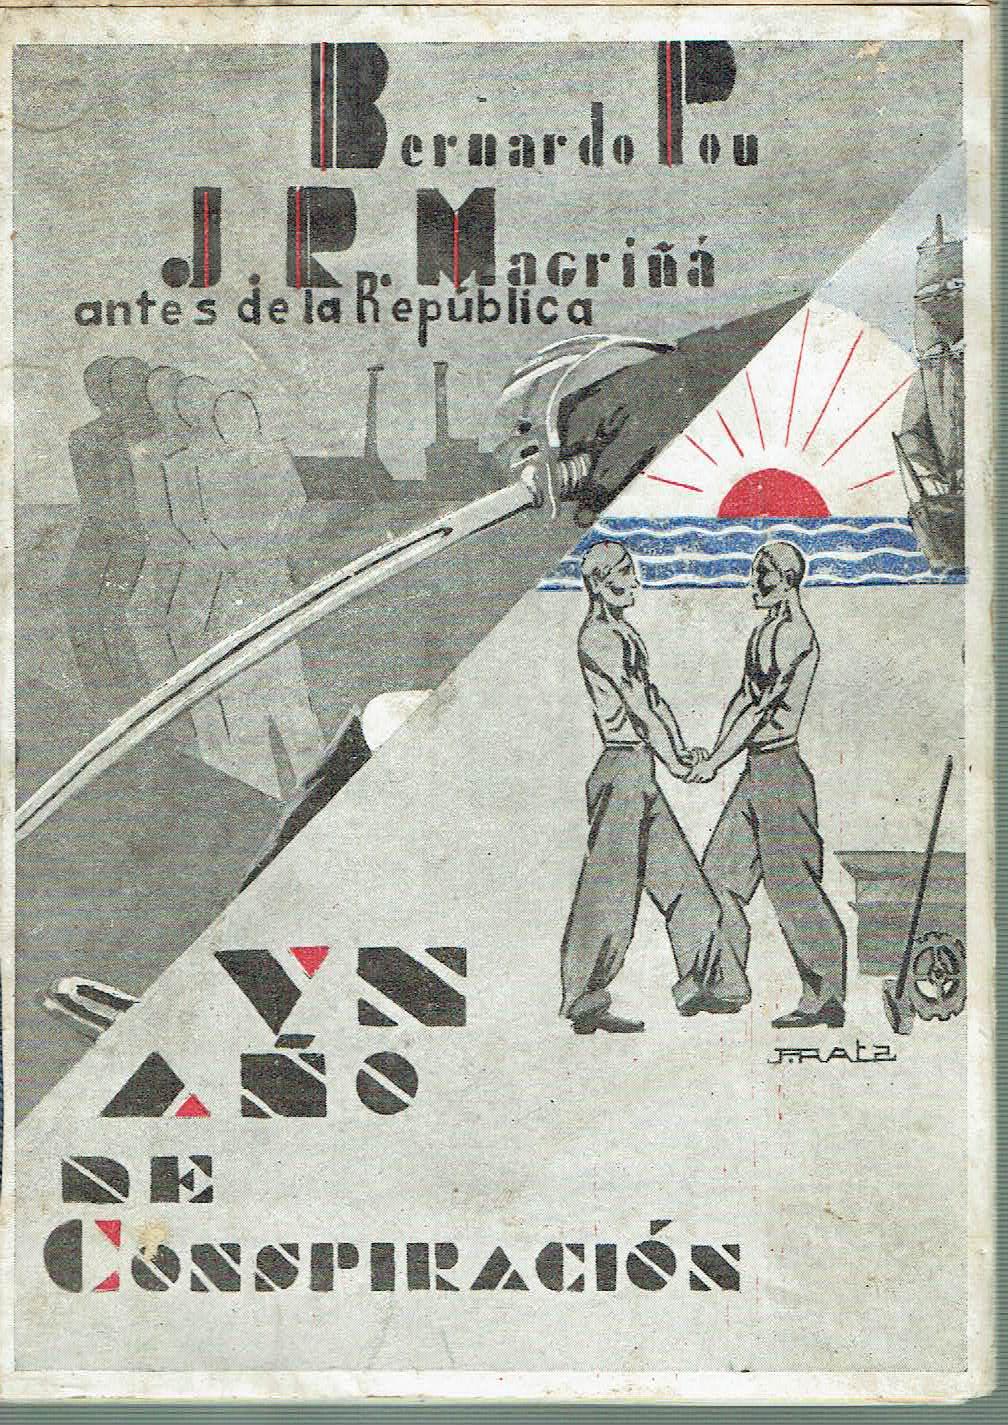 Un a�o de conspiraci�n Antes de la Rep�blica - B. Pou y J. R. Magri�a